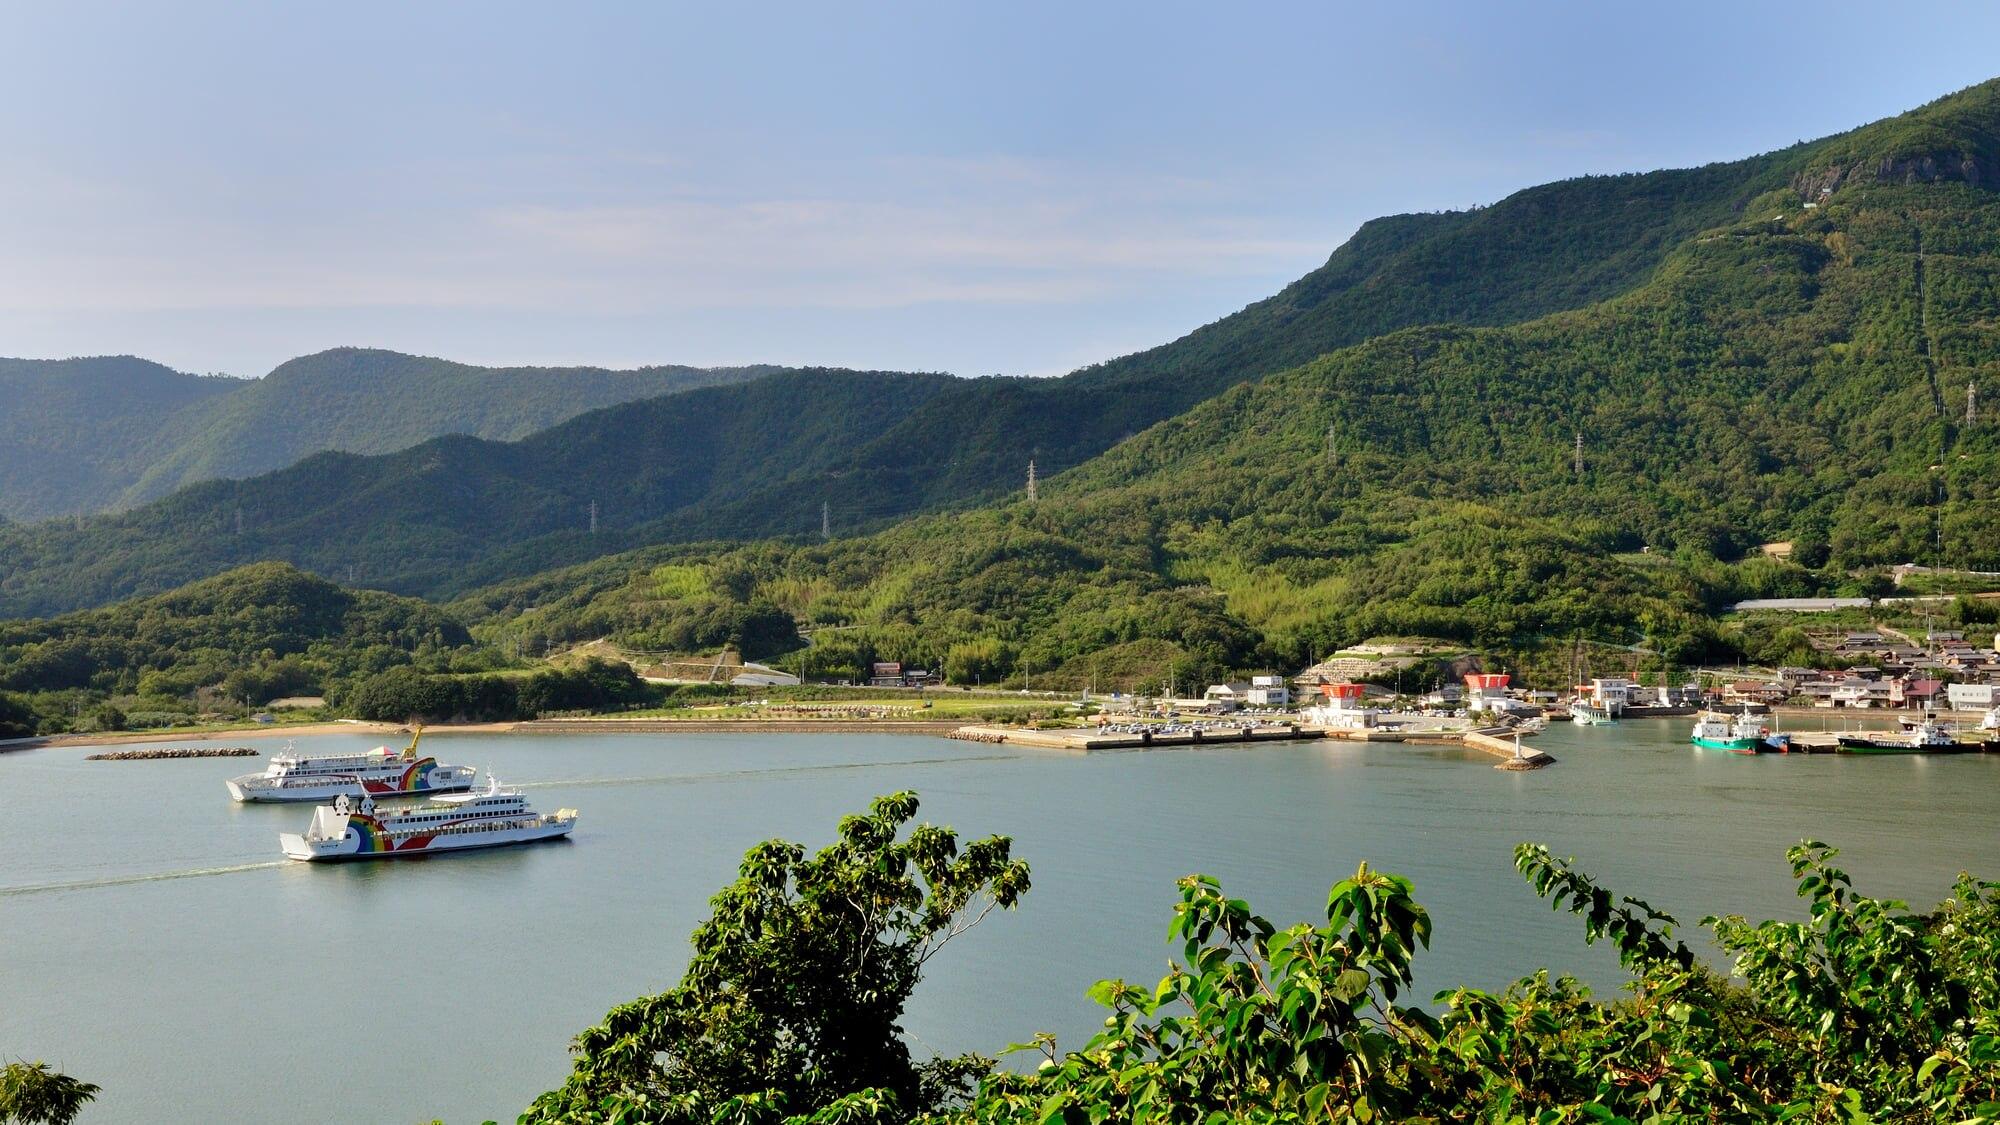 小豆島を丸ごと満喫しちゃおう!「小豆島ふるさと村」の観光ガイド